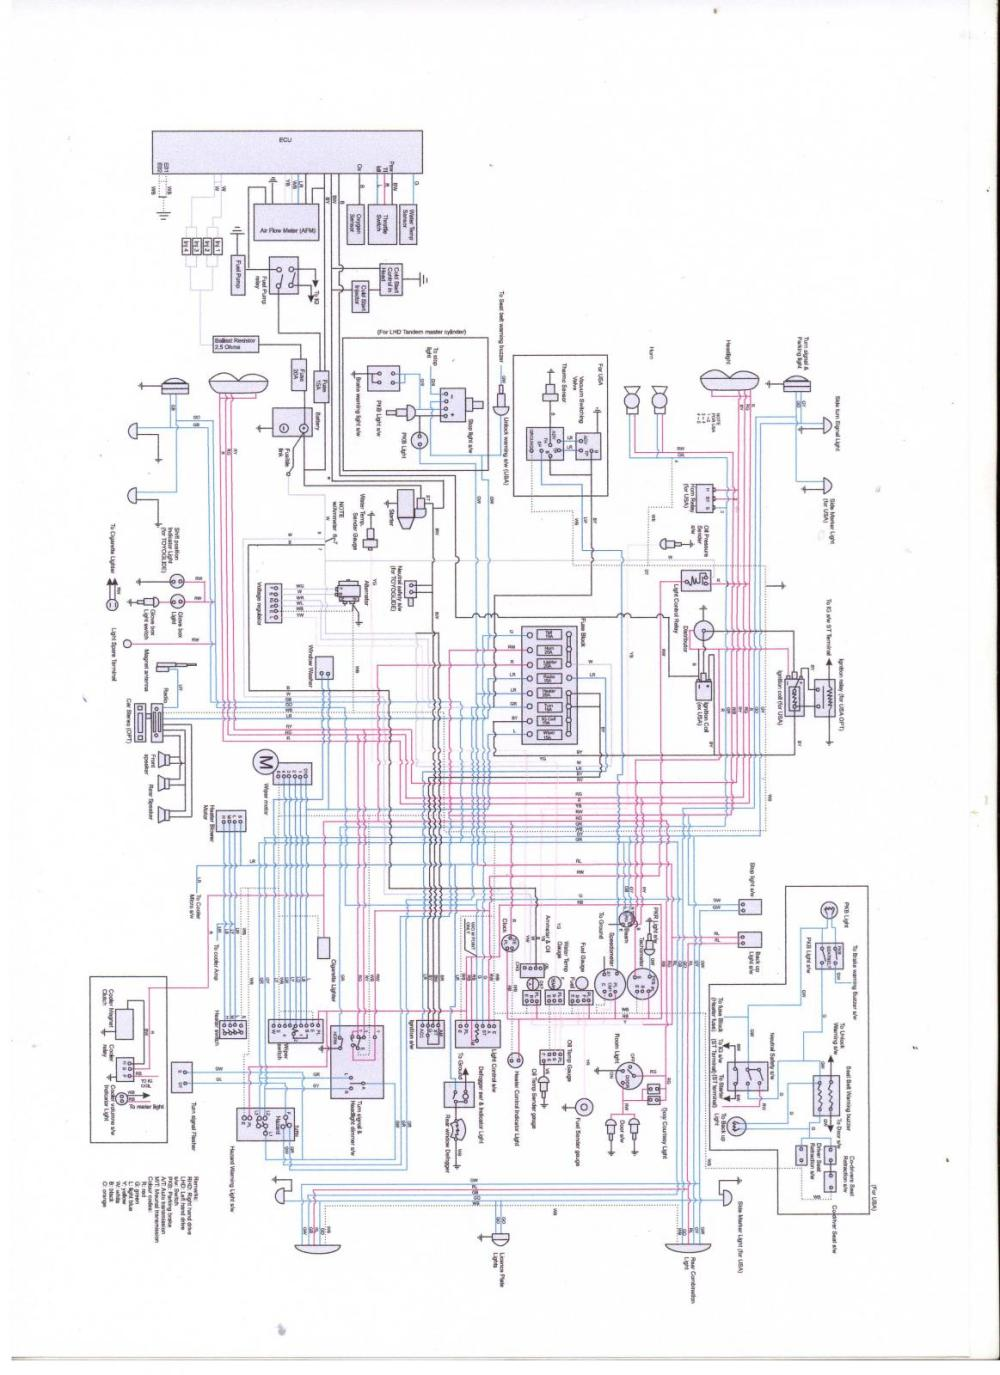 Toyotum Ke30 Wiring Diagram Toyota Medium Resolution Of Celica Ta22 Question Car Electrical Rollaclub Com Rh